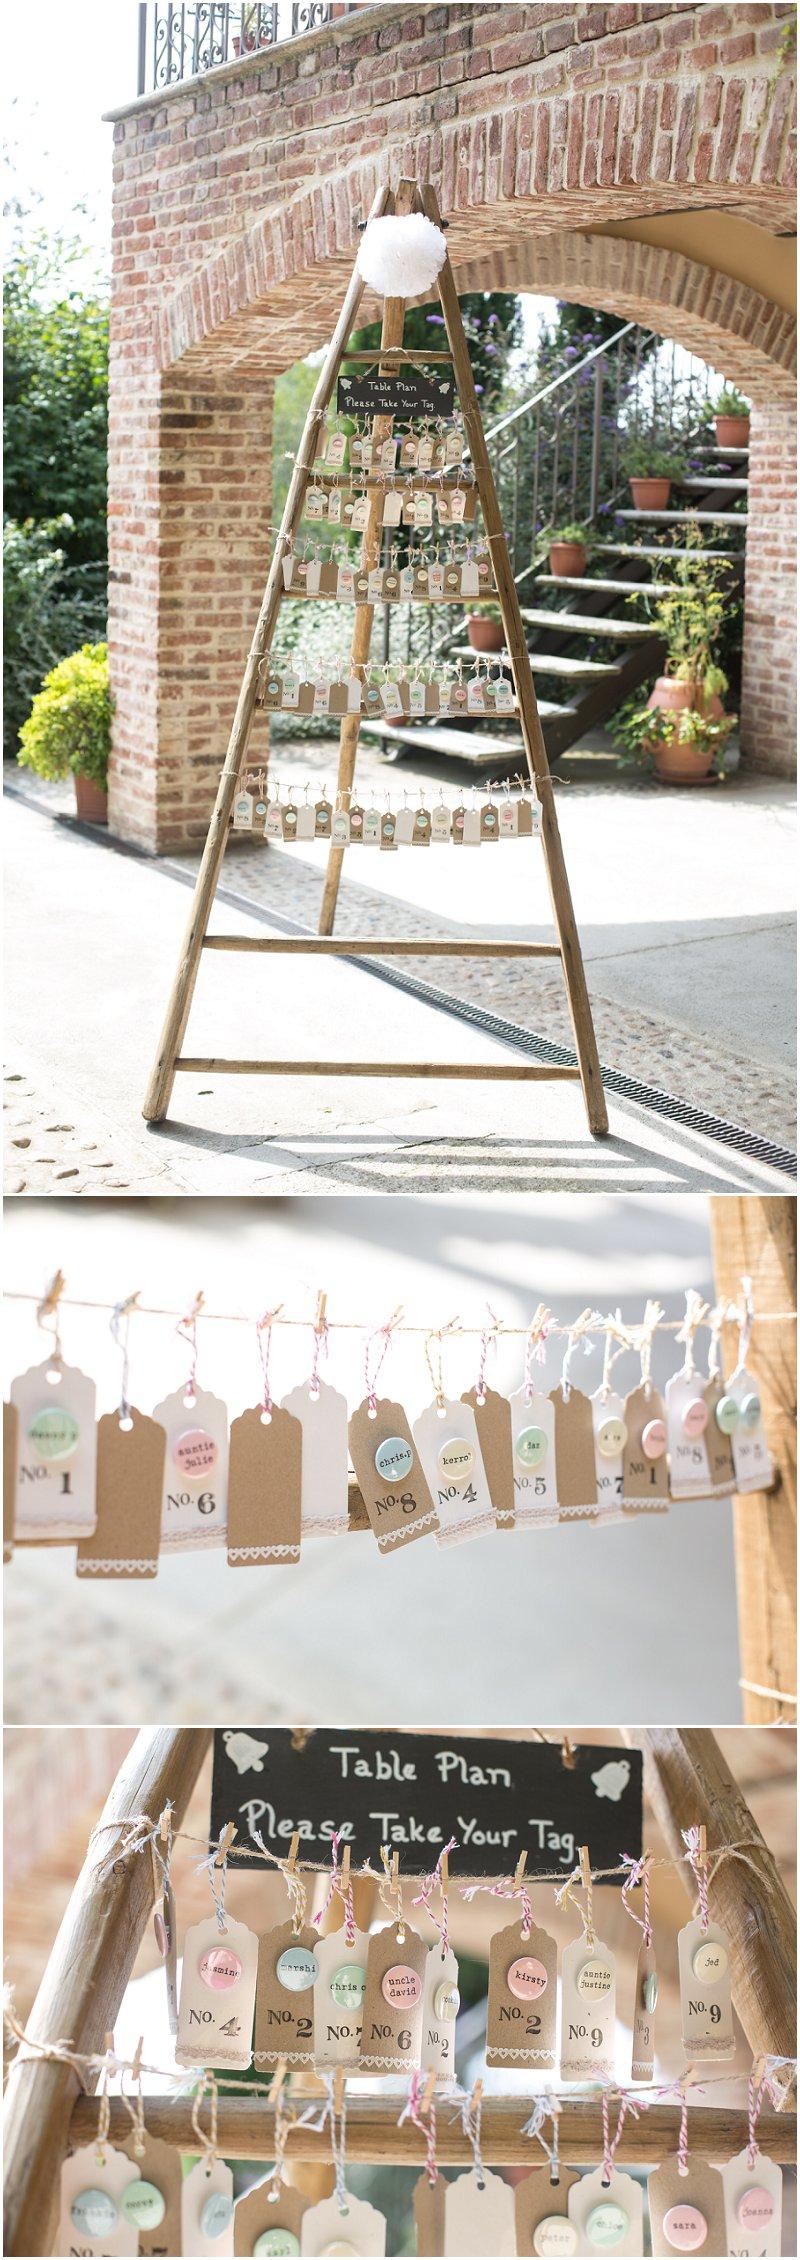 Wedding Table Plan at La Villa Italy | Destination Wedding